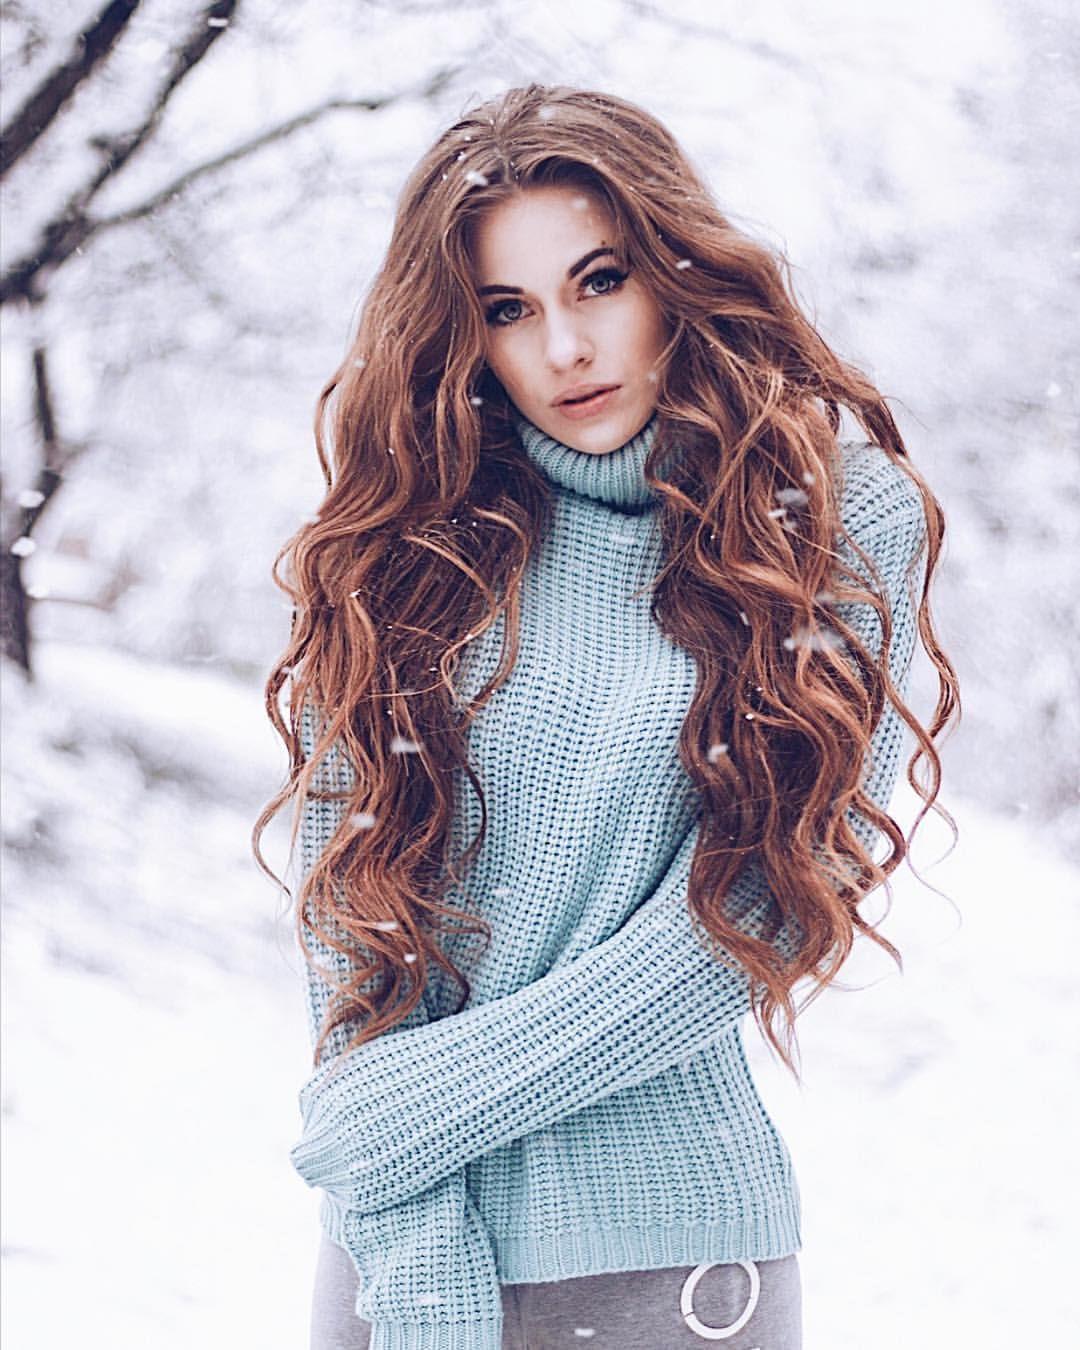 La Imagen Puede Contener 1 Persona De Pie Y Exterior Snow